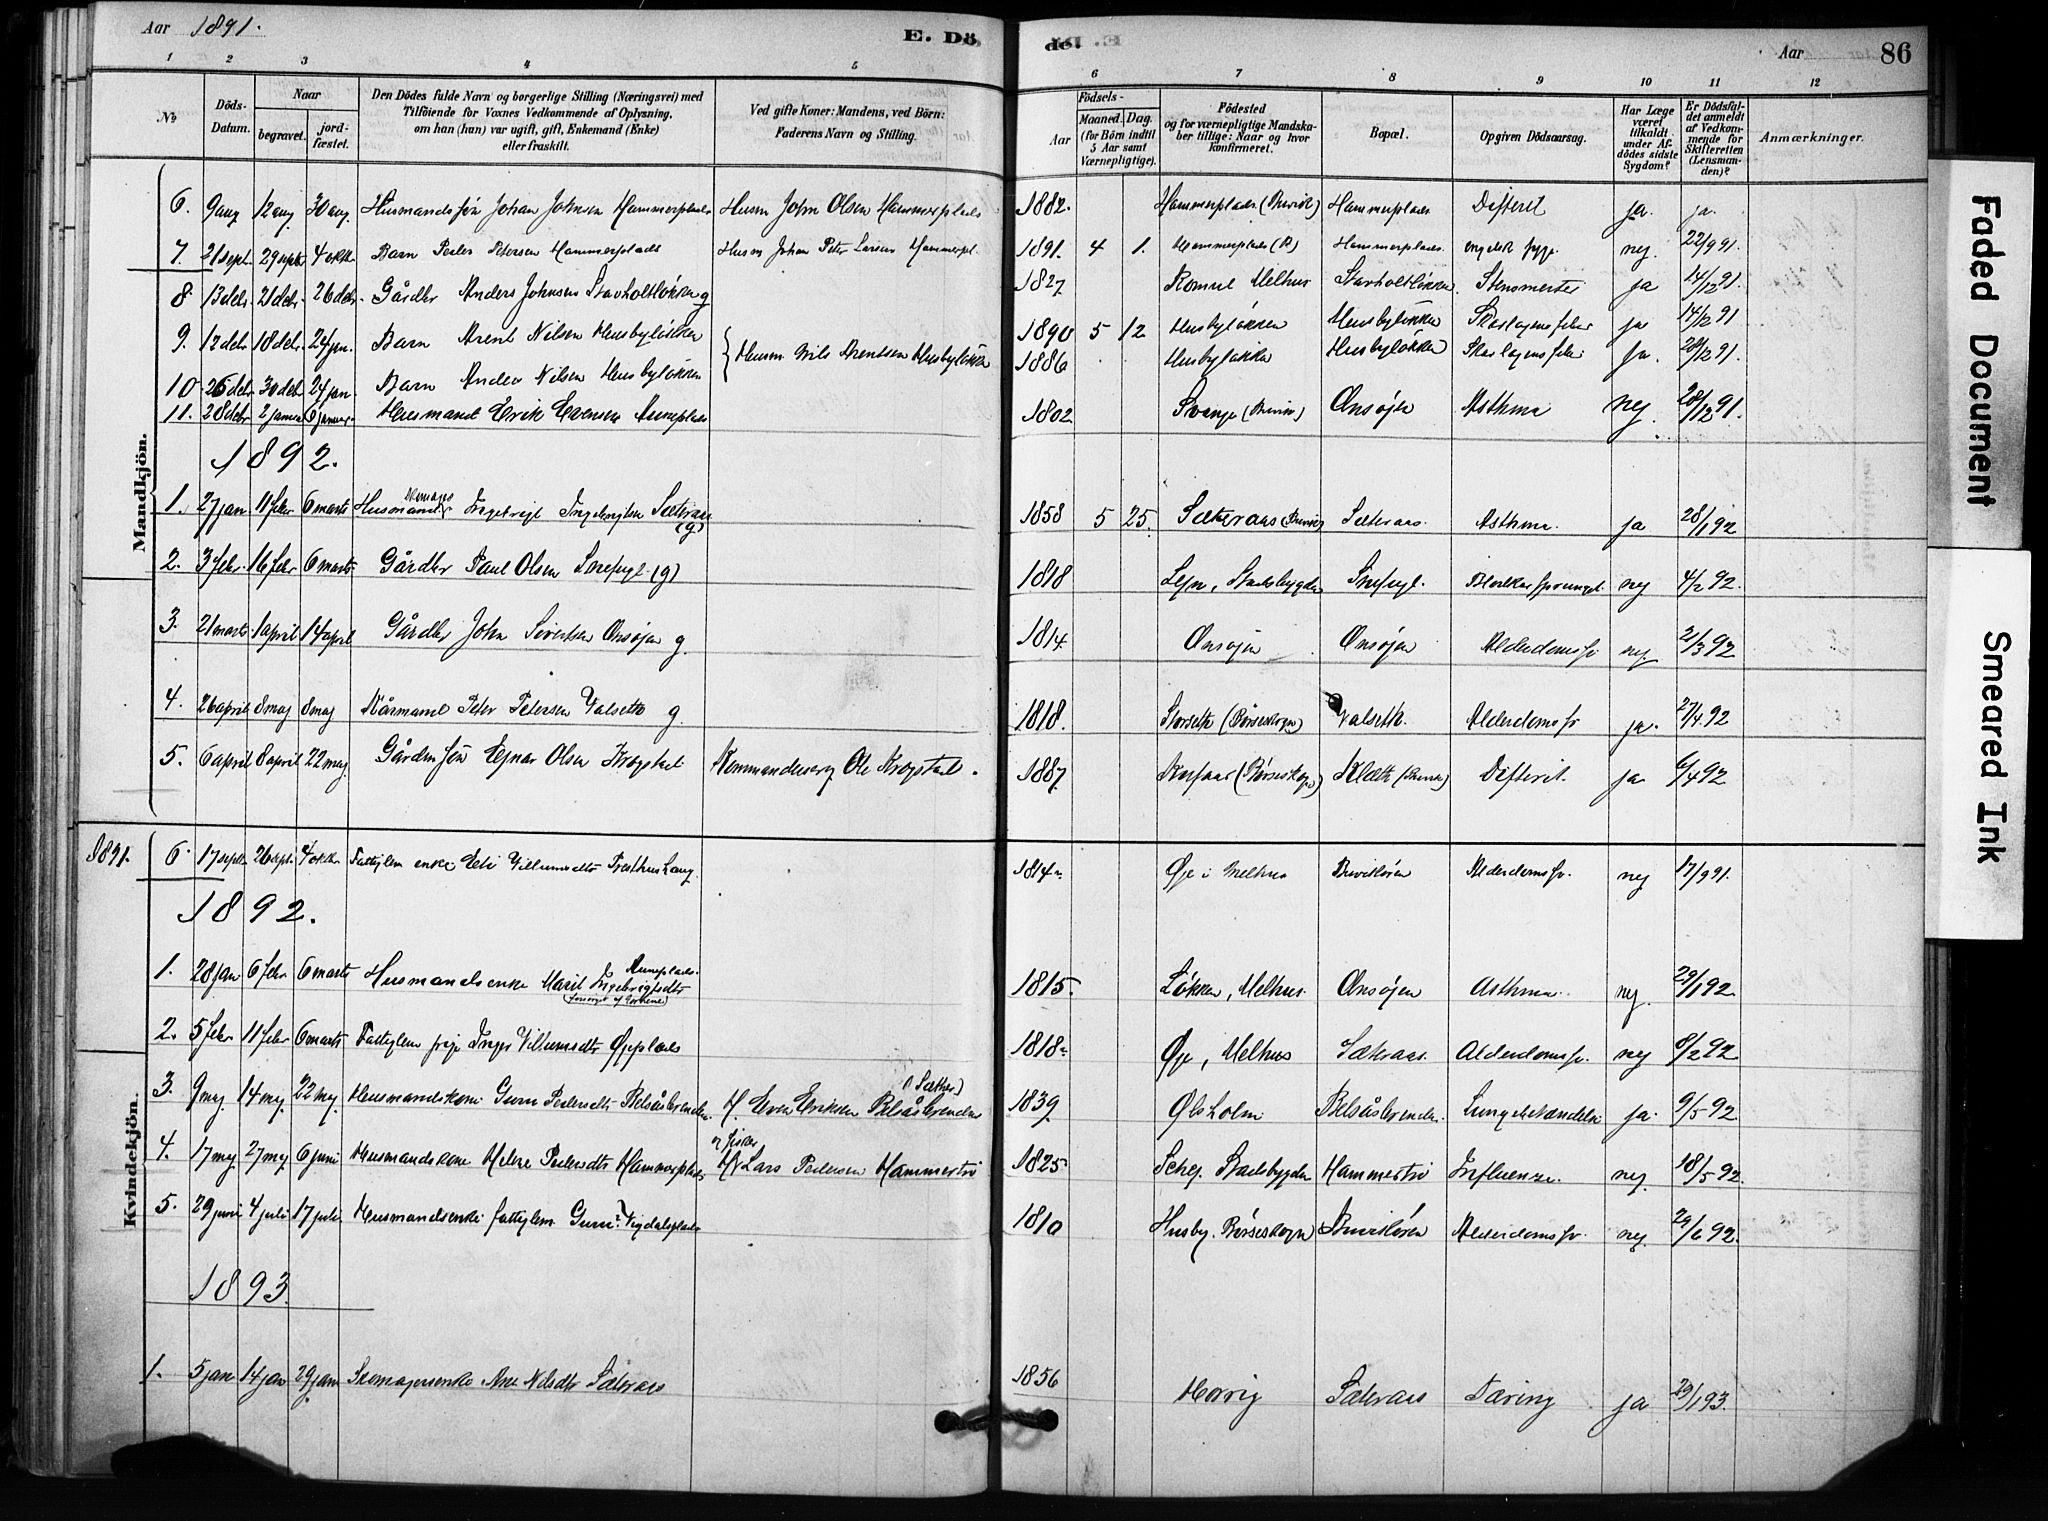 SAT, Ministerialprotokoller, klokkerbøker og fødselsregistre - Sør-Trøndelag, 666/L0786: Ministerialbok nr. 666A04, 1878-1895, s. 86